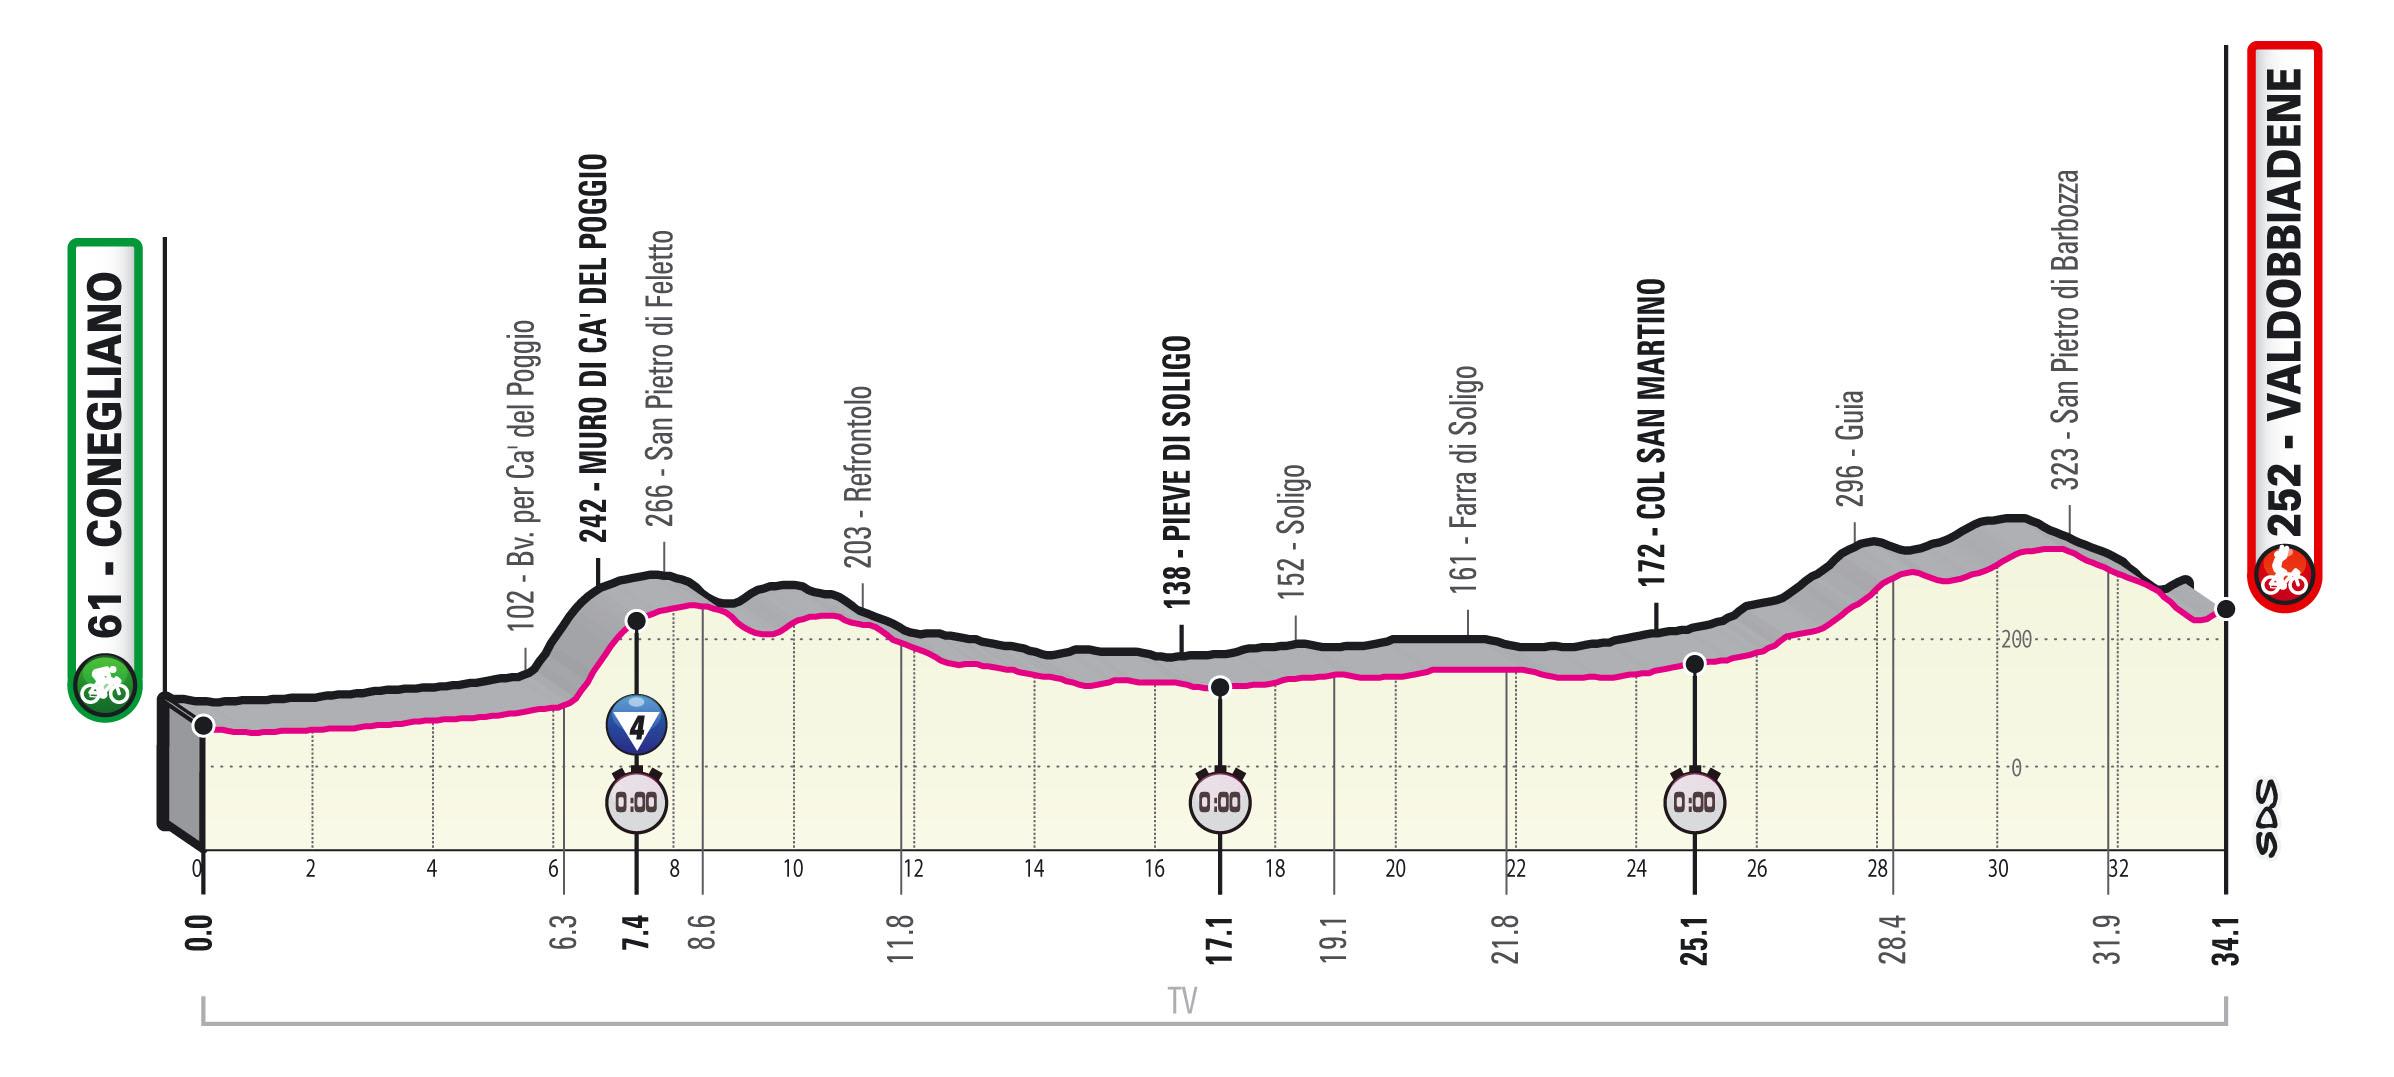 Giro 2020 etappe 14